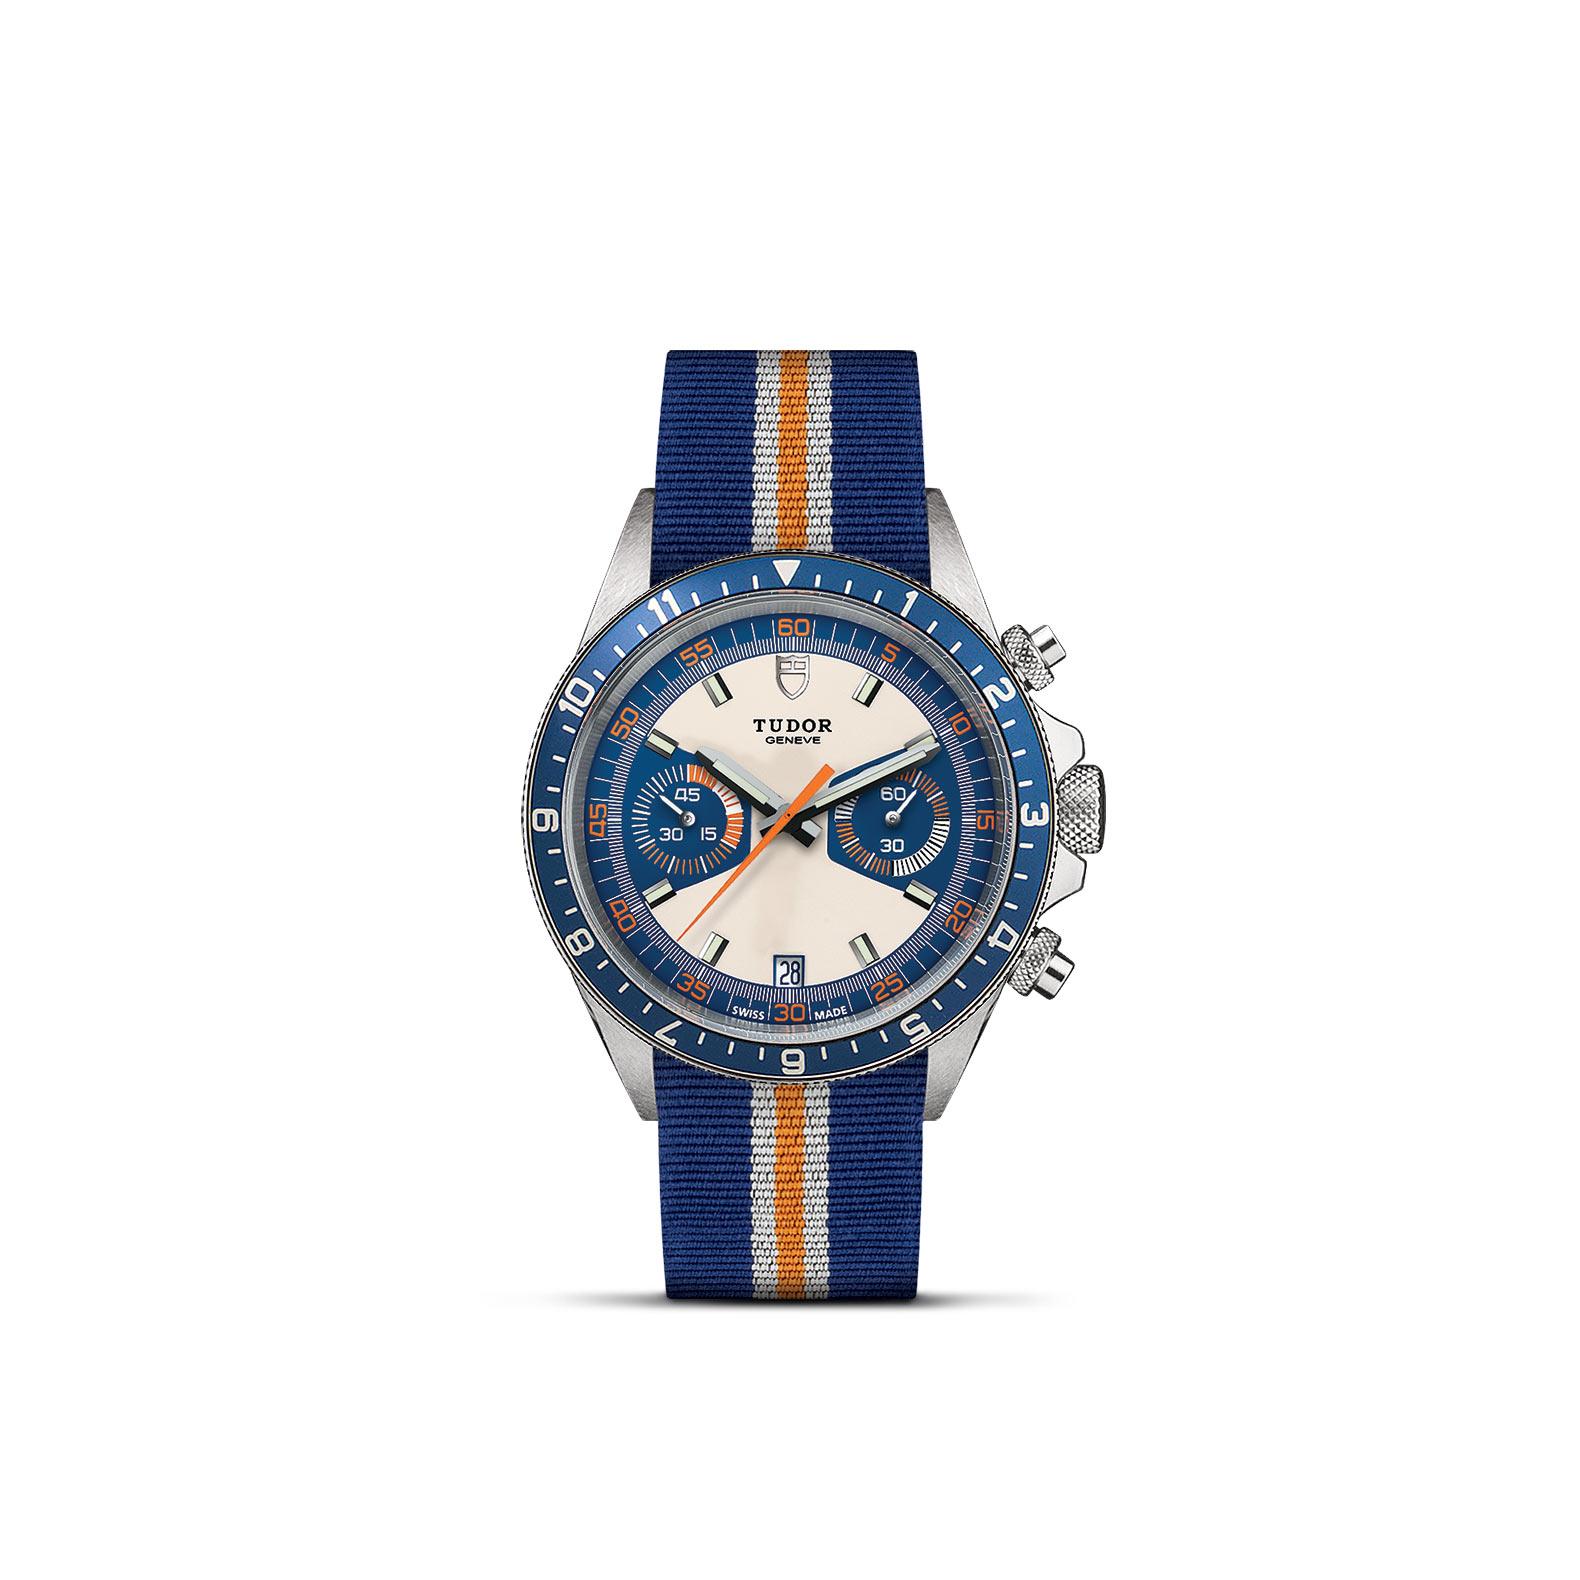 TUDOR Heritage Chrono Blue M70330B 0003 Upright